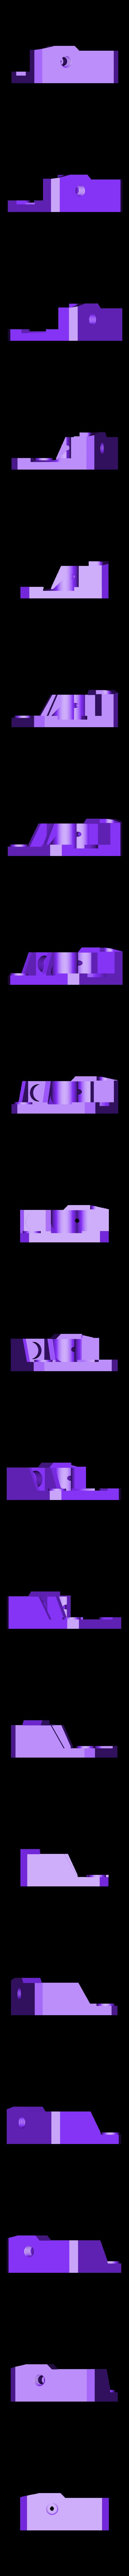 m6ptfe.stl Télécharger fichier STL gratuit Extrudeuse Ultimate creality cr10 (happy edition) (filaments flexibles) • Design à imprimer en 3D, raffosan